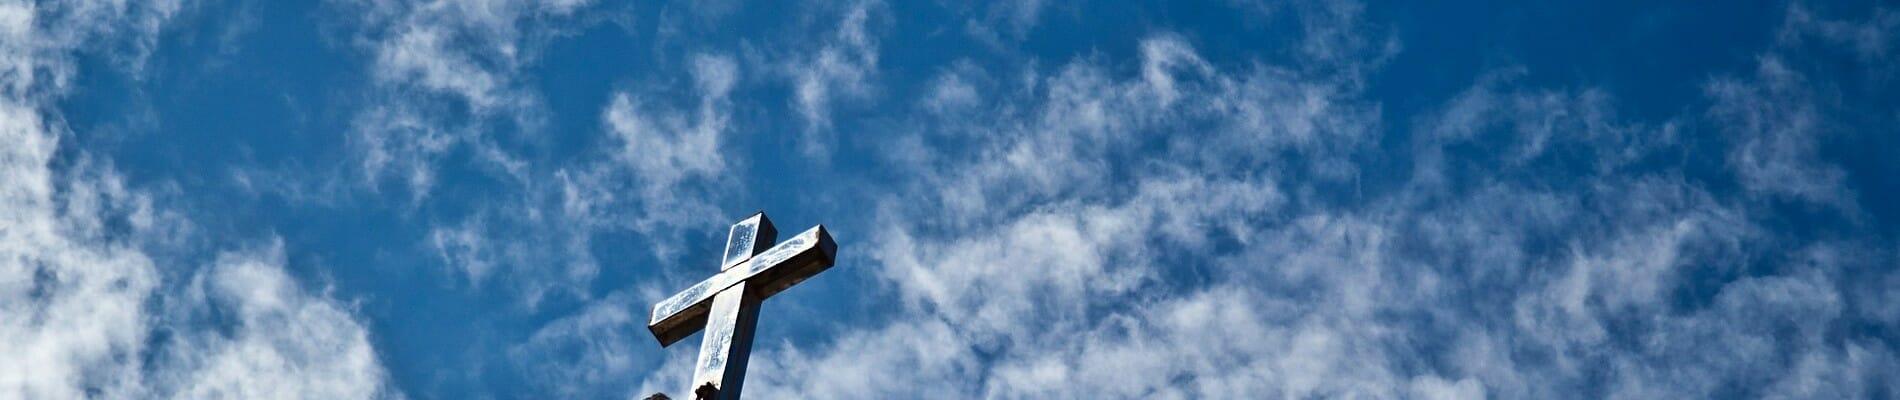 ようこそ、福音宣教 奥州教会へ